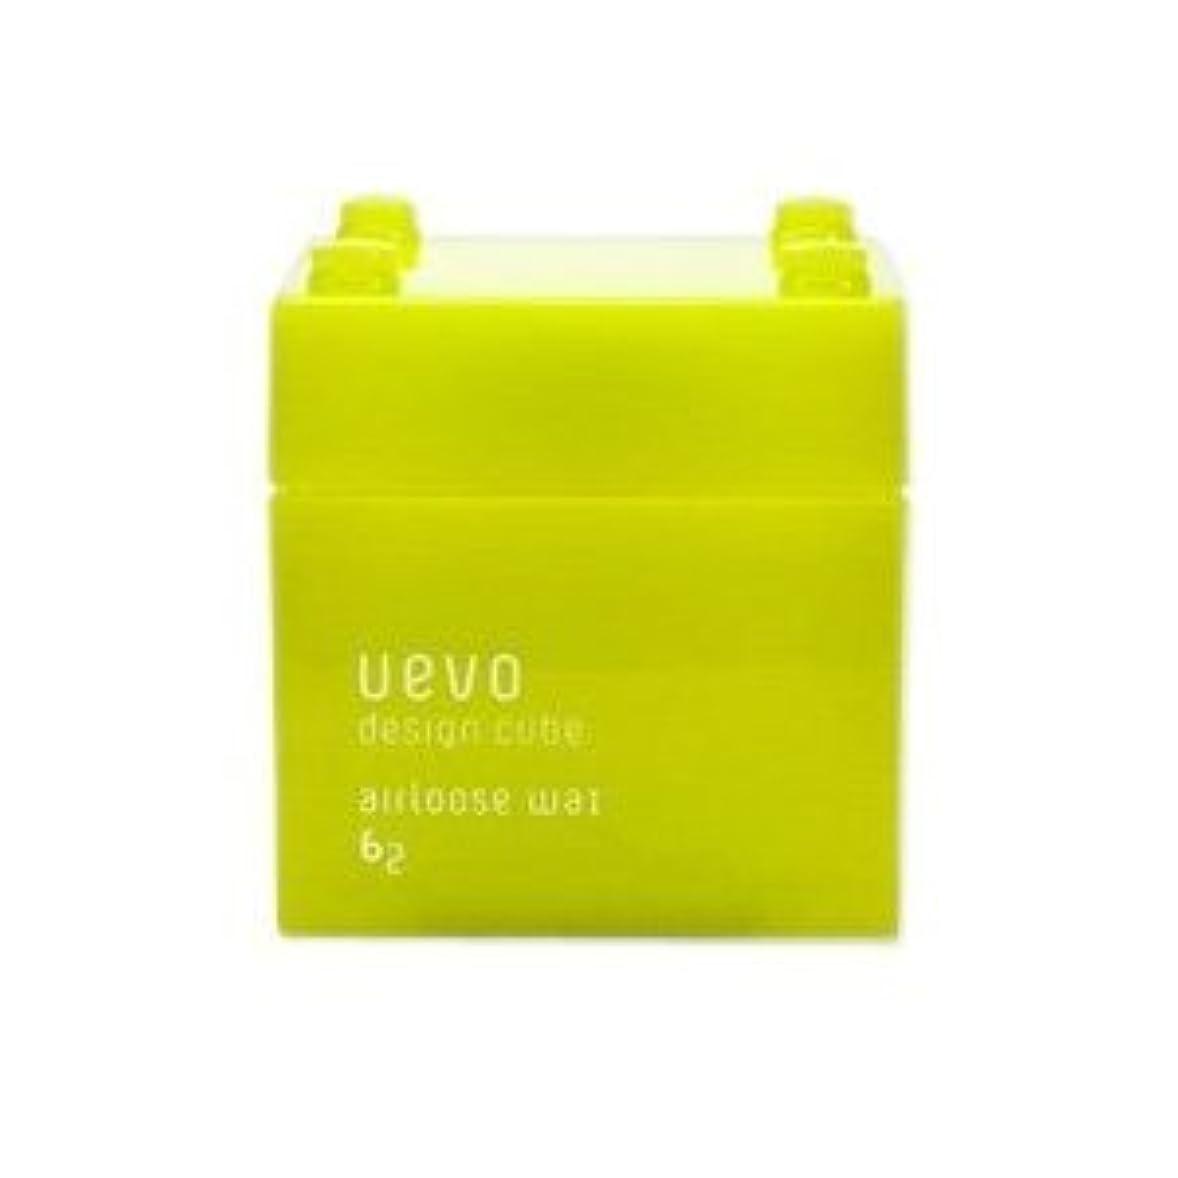 宿る不倫列挙する【X3個セット】 デミ ウェーボ デザインキューブ エアルーズワックス 80g airloose wax DEMI uevo design cube